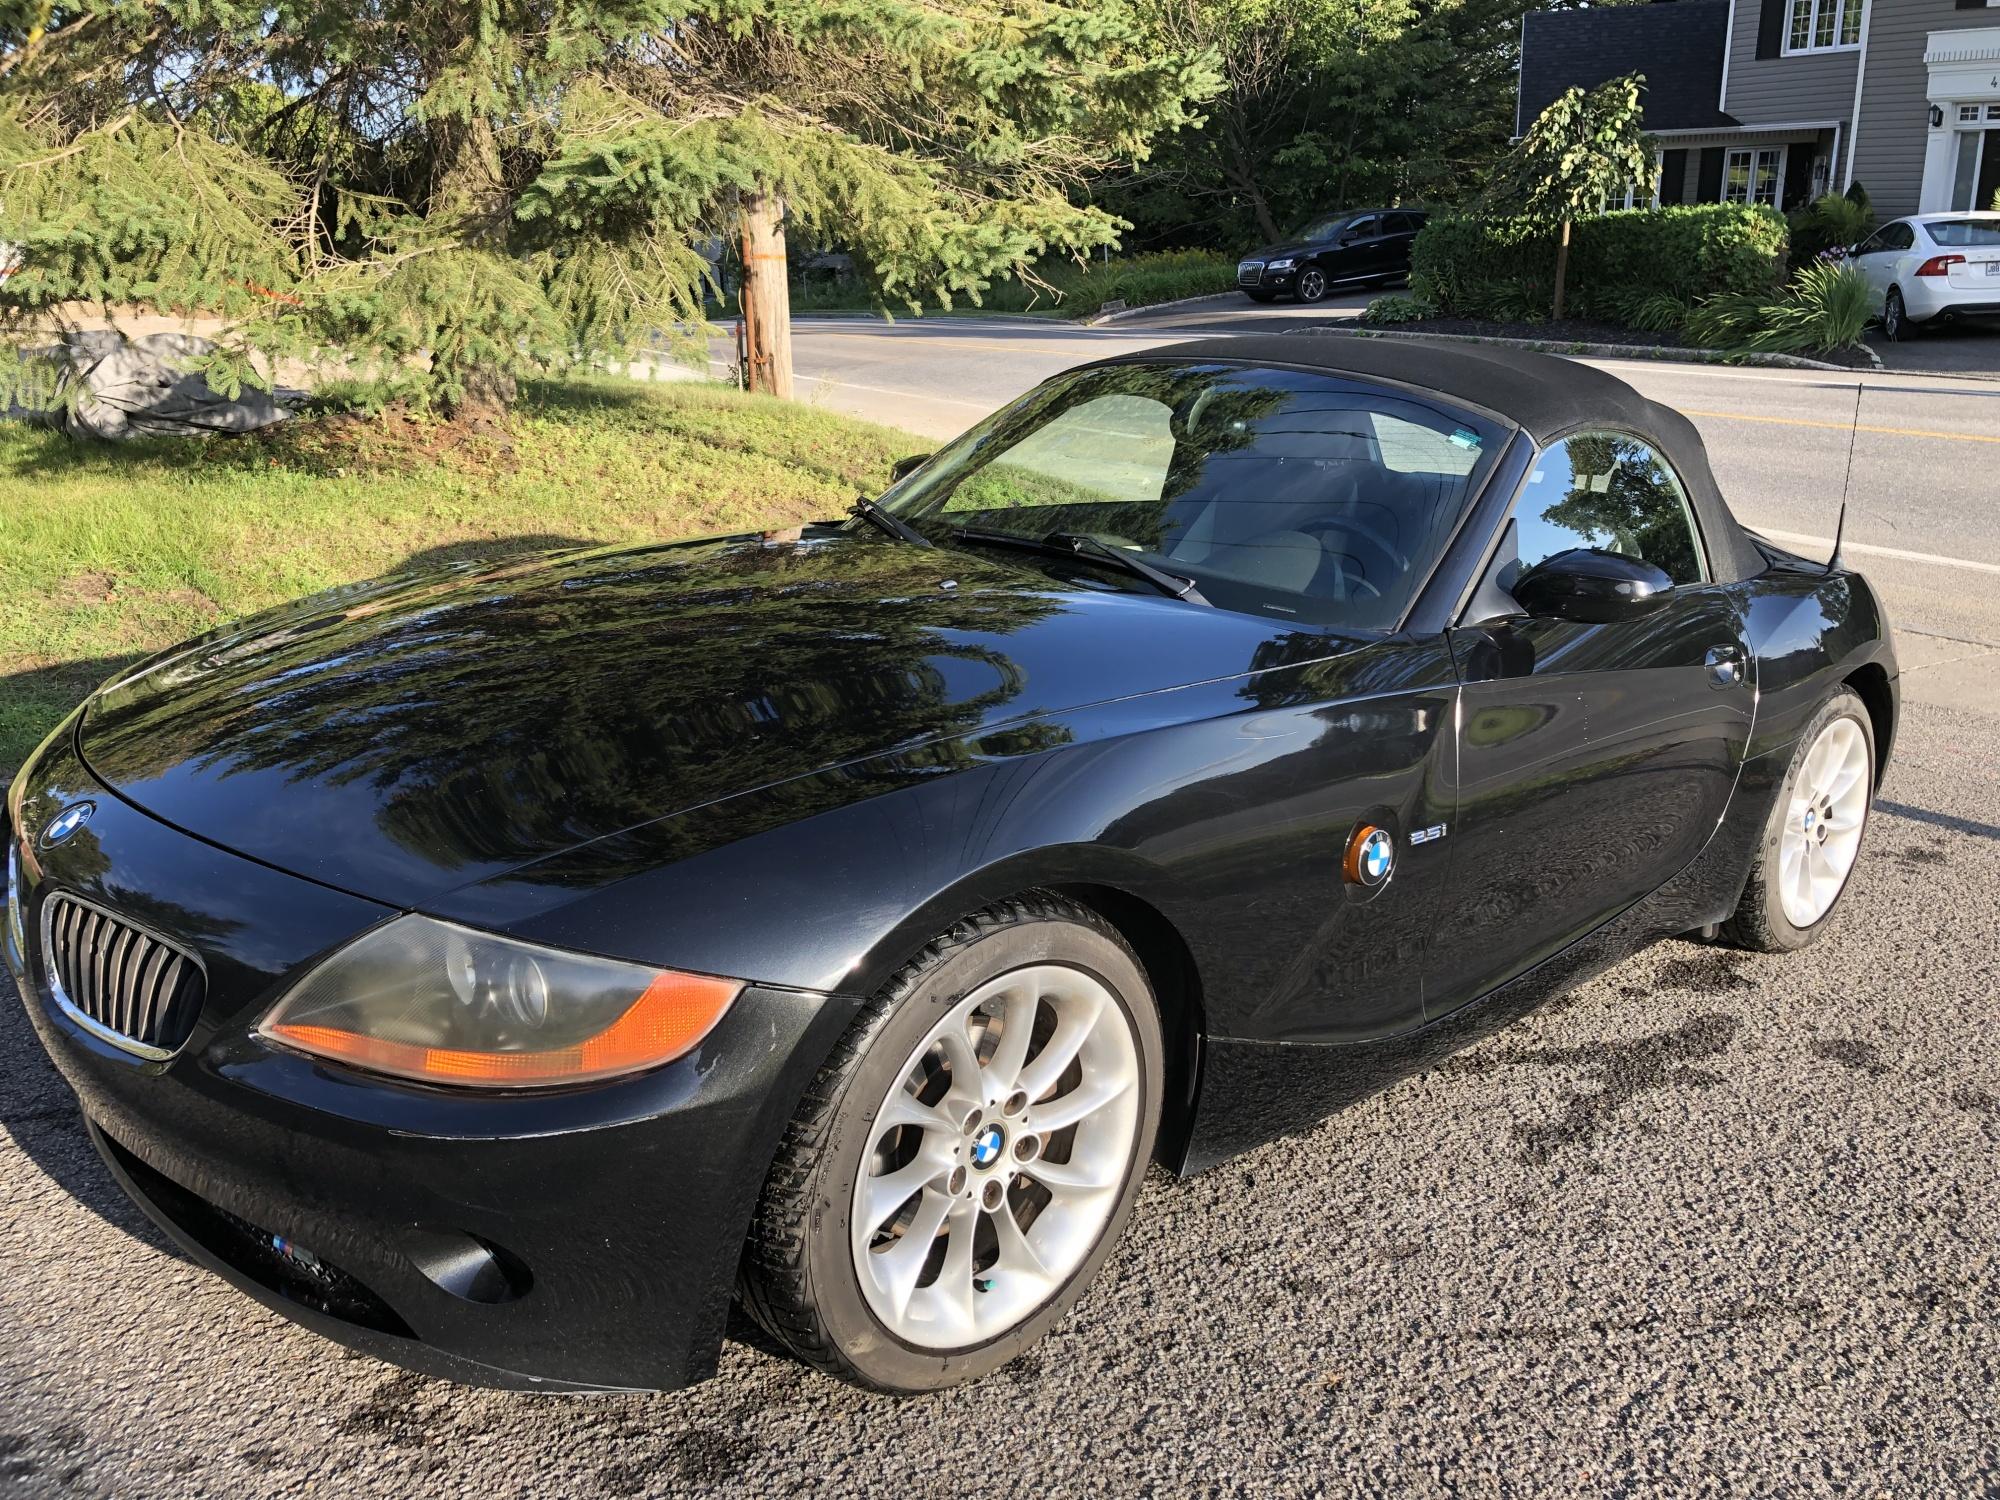 BMW Z4 - Photo 19-09-09 17 42 02